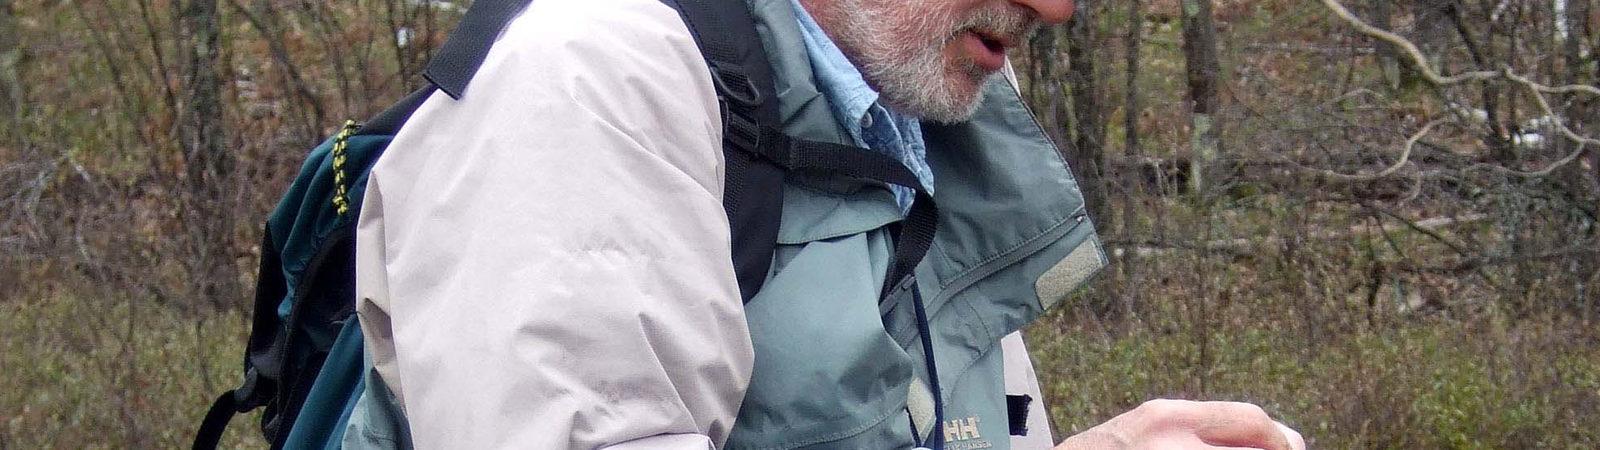 Former faculty member Jim Meeker